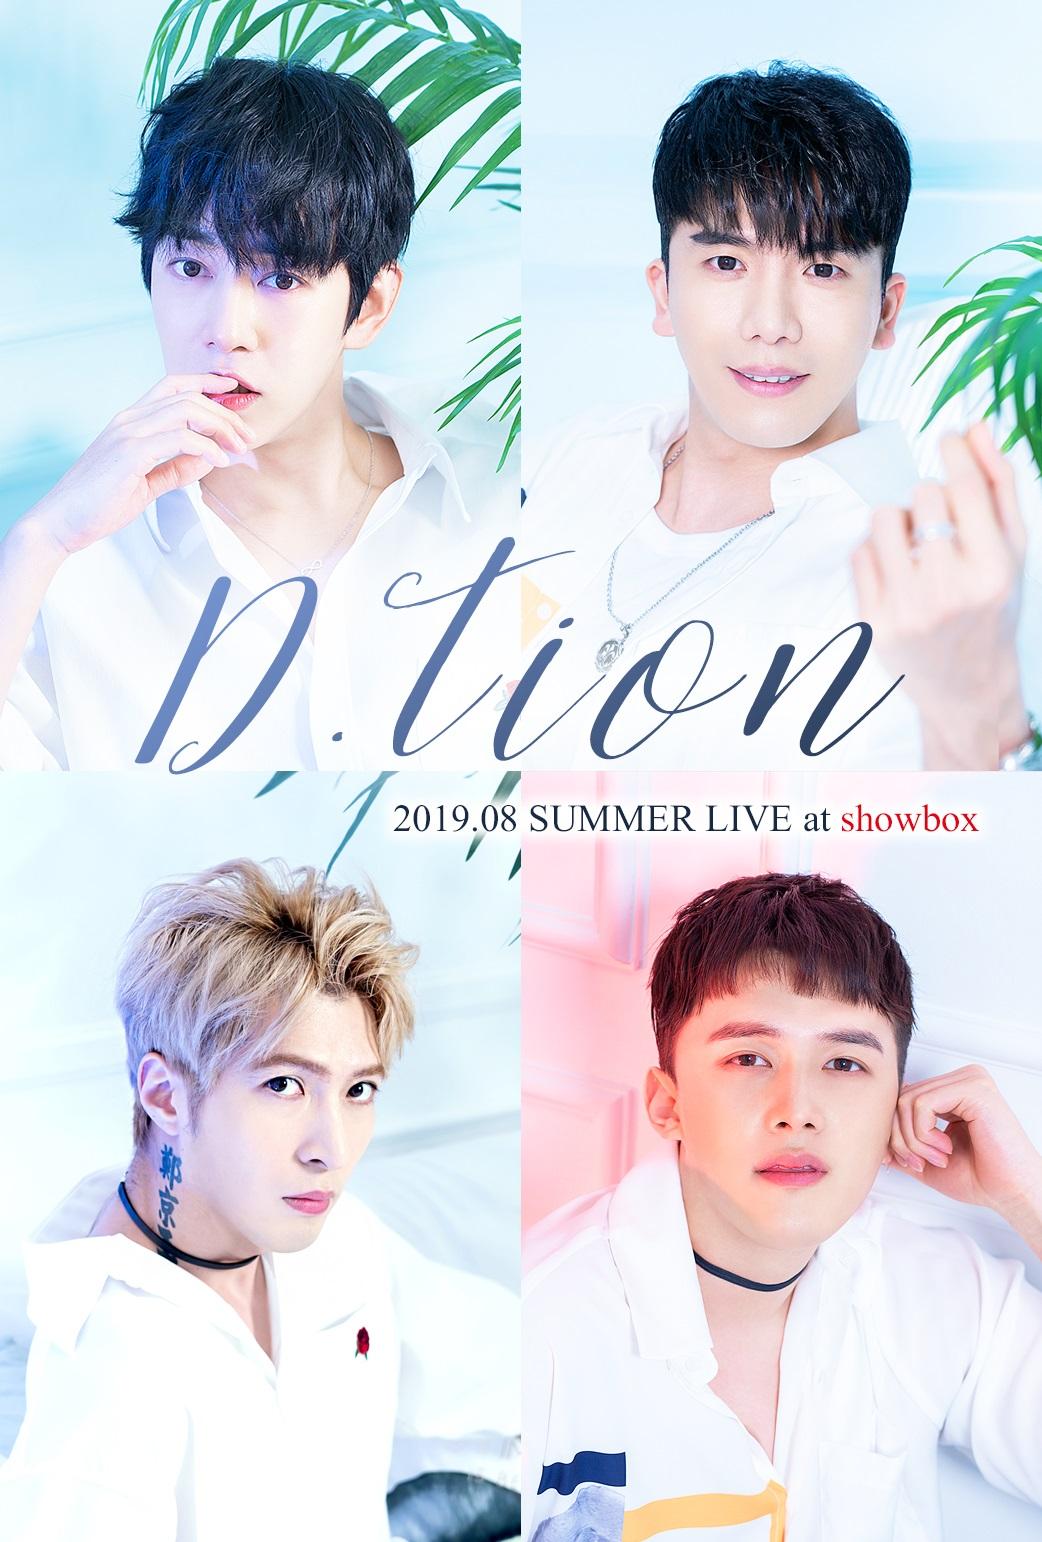 D.tion SUMMER LIVE